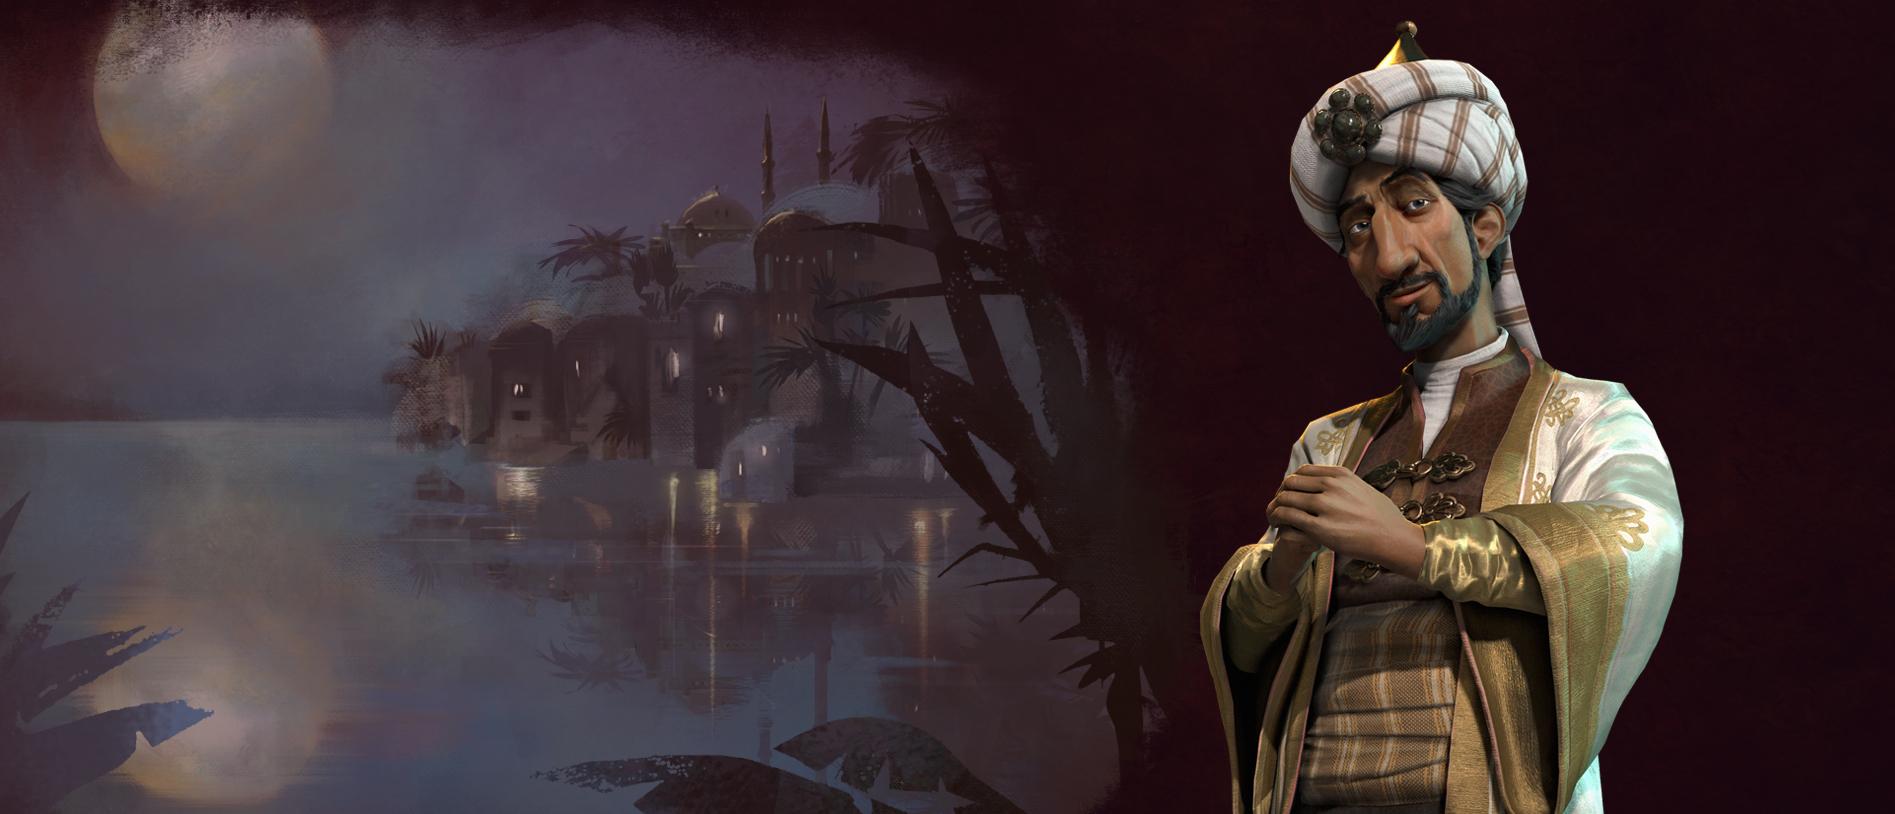 Saladin Leads Arabia in Civilization 6